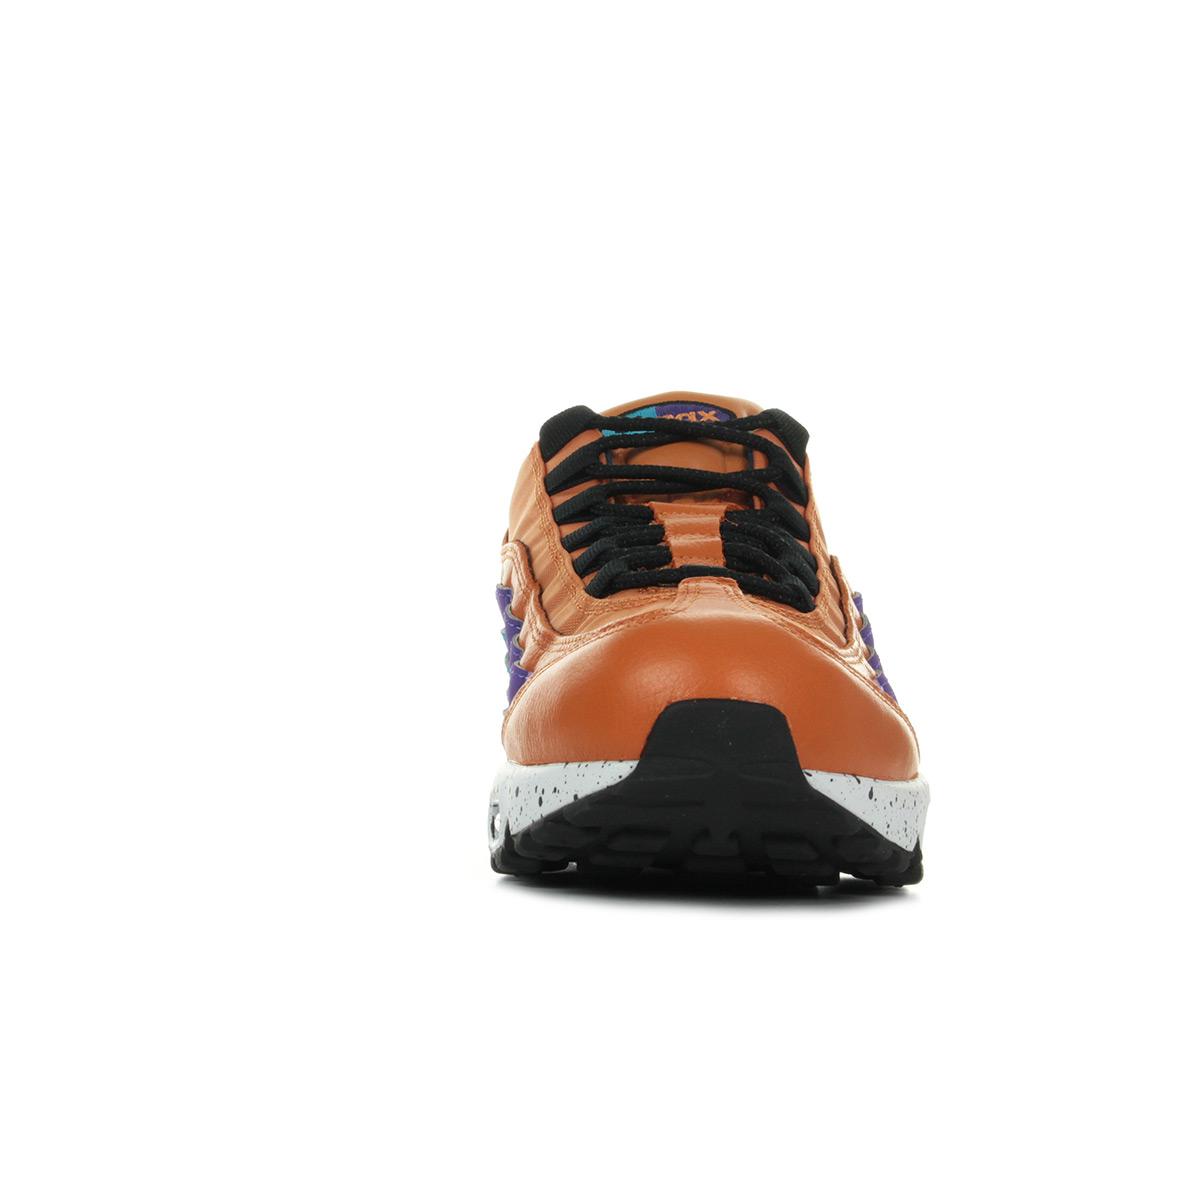 timeless design 04565 f9a61 ... Nike Air max 95 premium ...